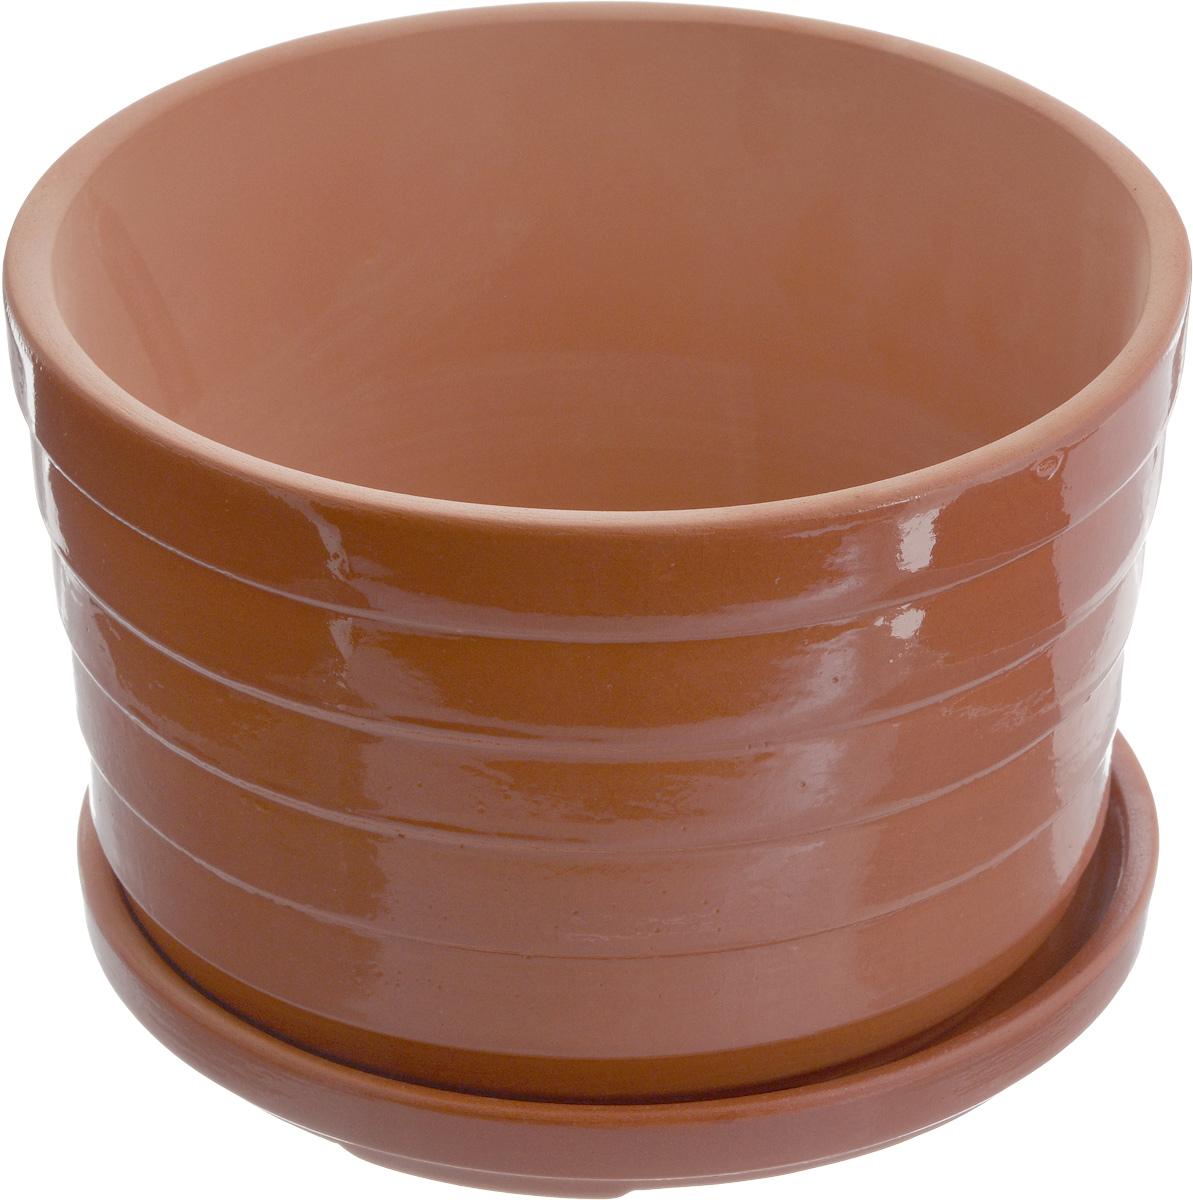 Горшок для цветов Ломоносовская керамика Риф, с поддоном, 1,8 л3Цр3-1Горшок с поддоном Ломоносовская керамика Риф выполнен из глины. Внешние стенки изделия покрыты глазурью. Горшок предназначен для выращивания цветов, растений и трав. Он порадует вас функциональностью, а также украсит интерьер помещения.Объем: 1,8 л.Диаметр горшка (по верхнему краю): 18 см. Высота горшка: 11,5 см. Размер поддона: 17,5 х 17,5 х 2 см.